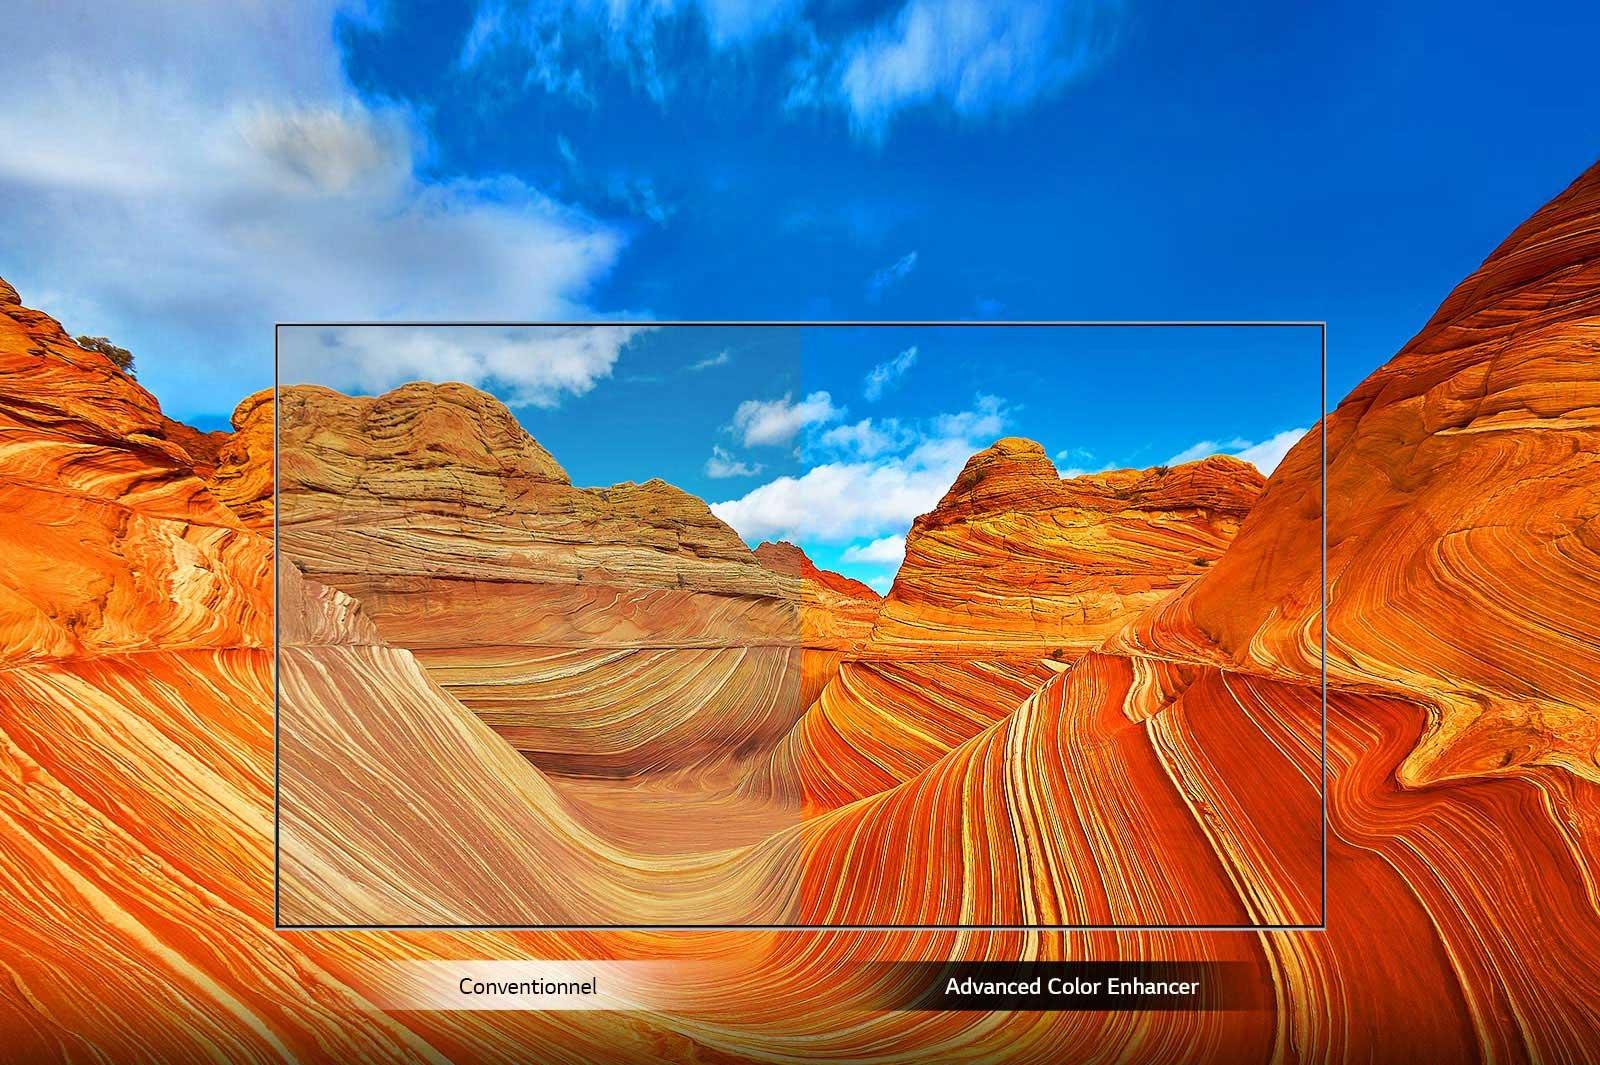 La technologie Advanced Color Enhancer ajoute de l'intensité aux couleurs du desert